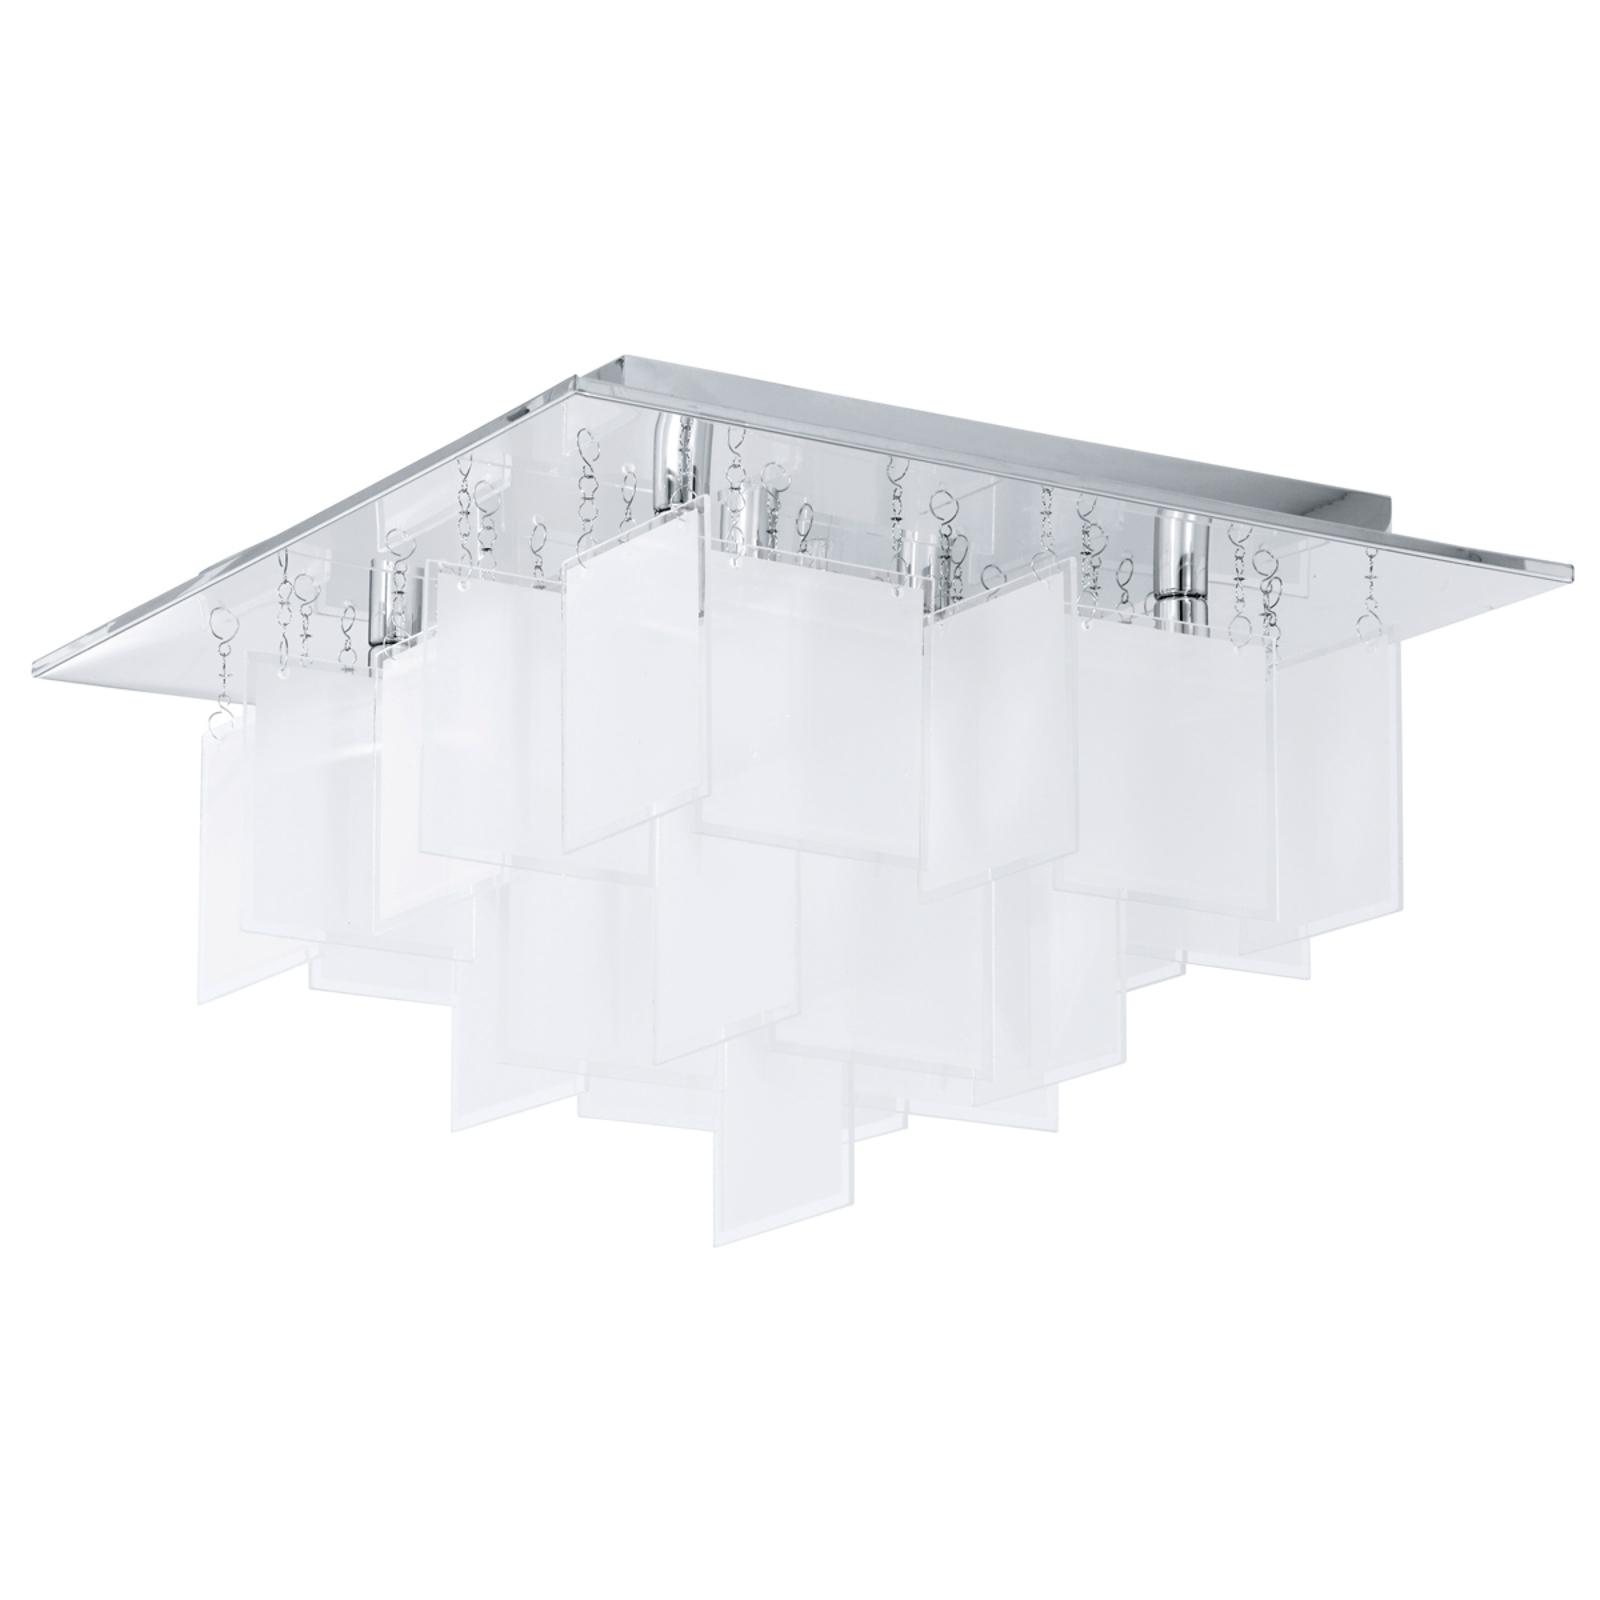 Straordinaria plafoniera Condrada 1 cortina vetro.